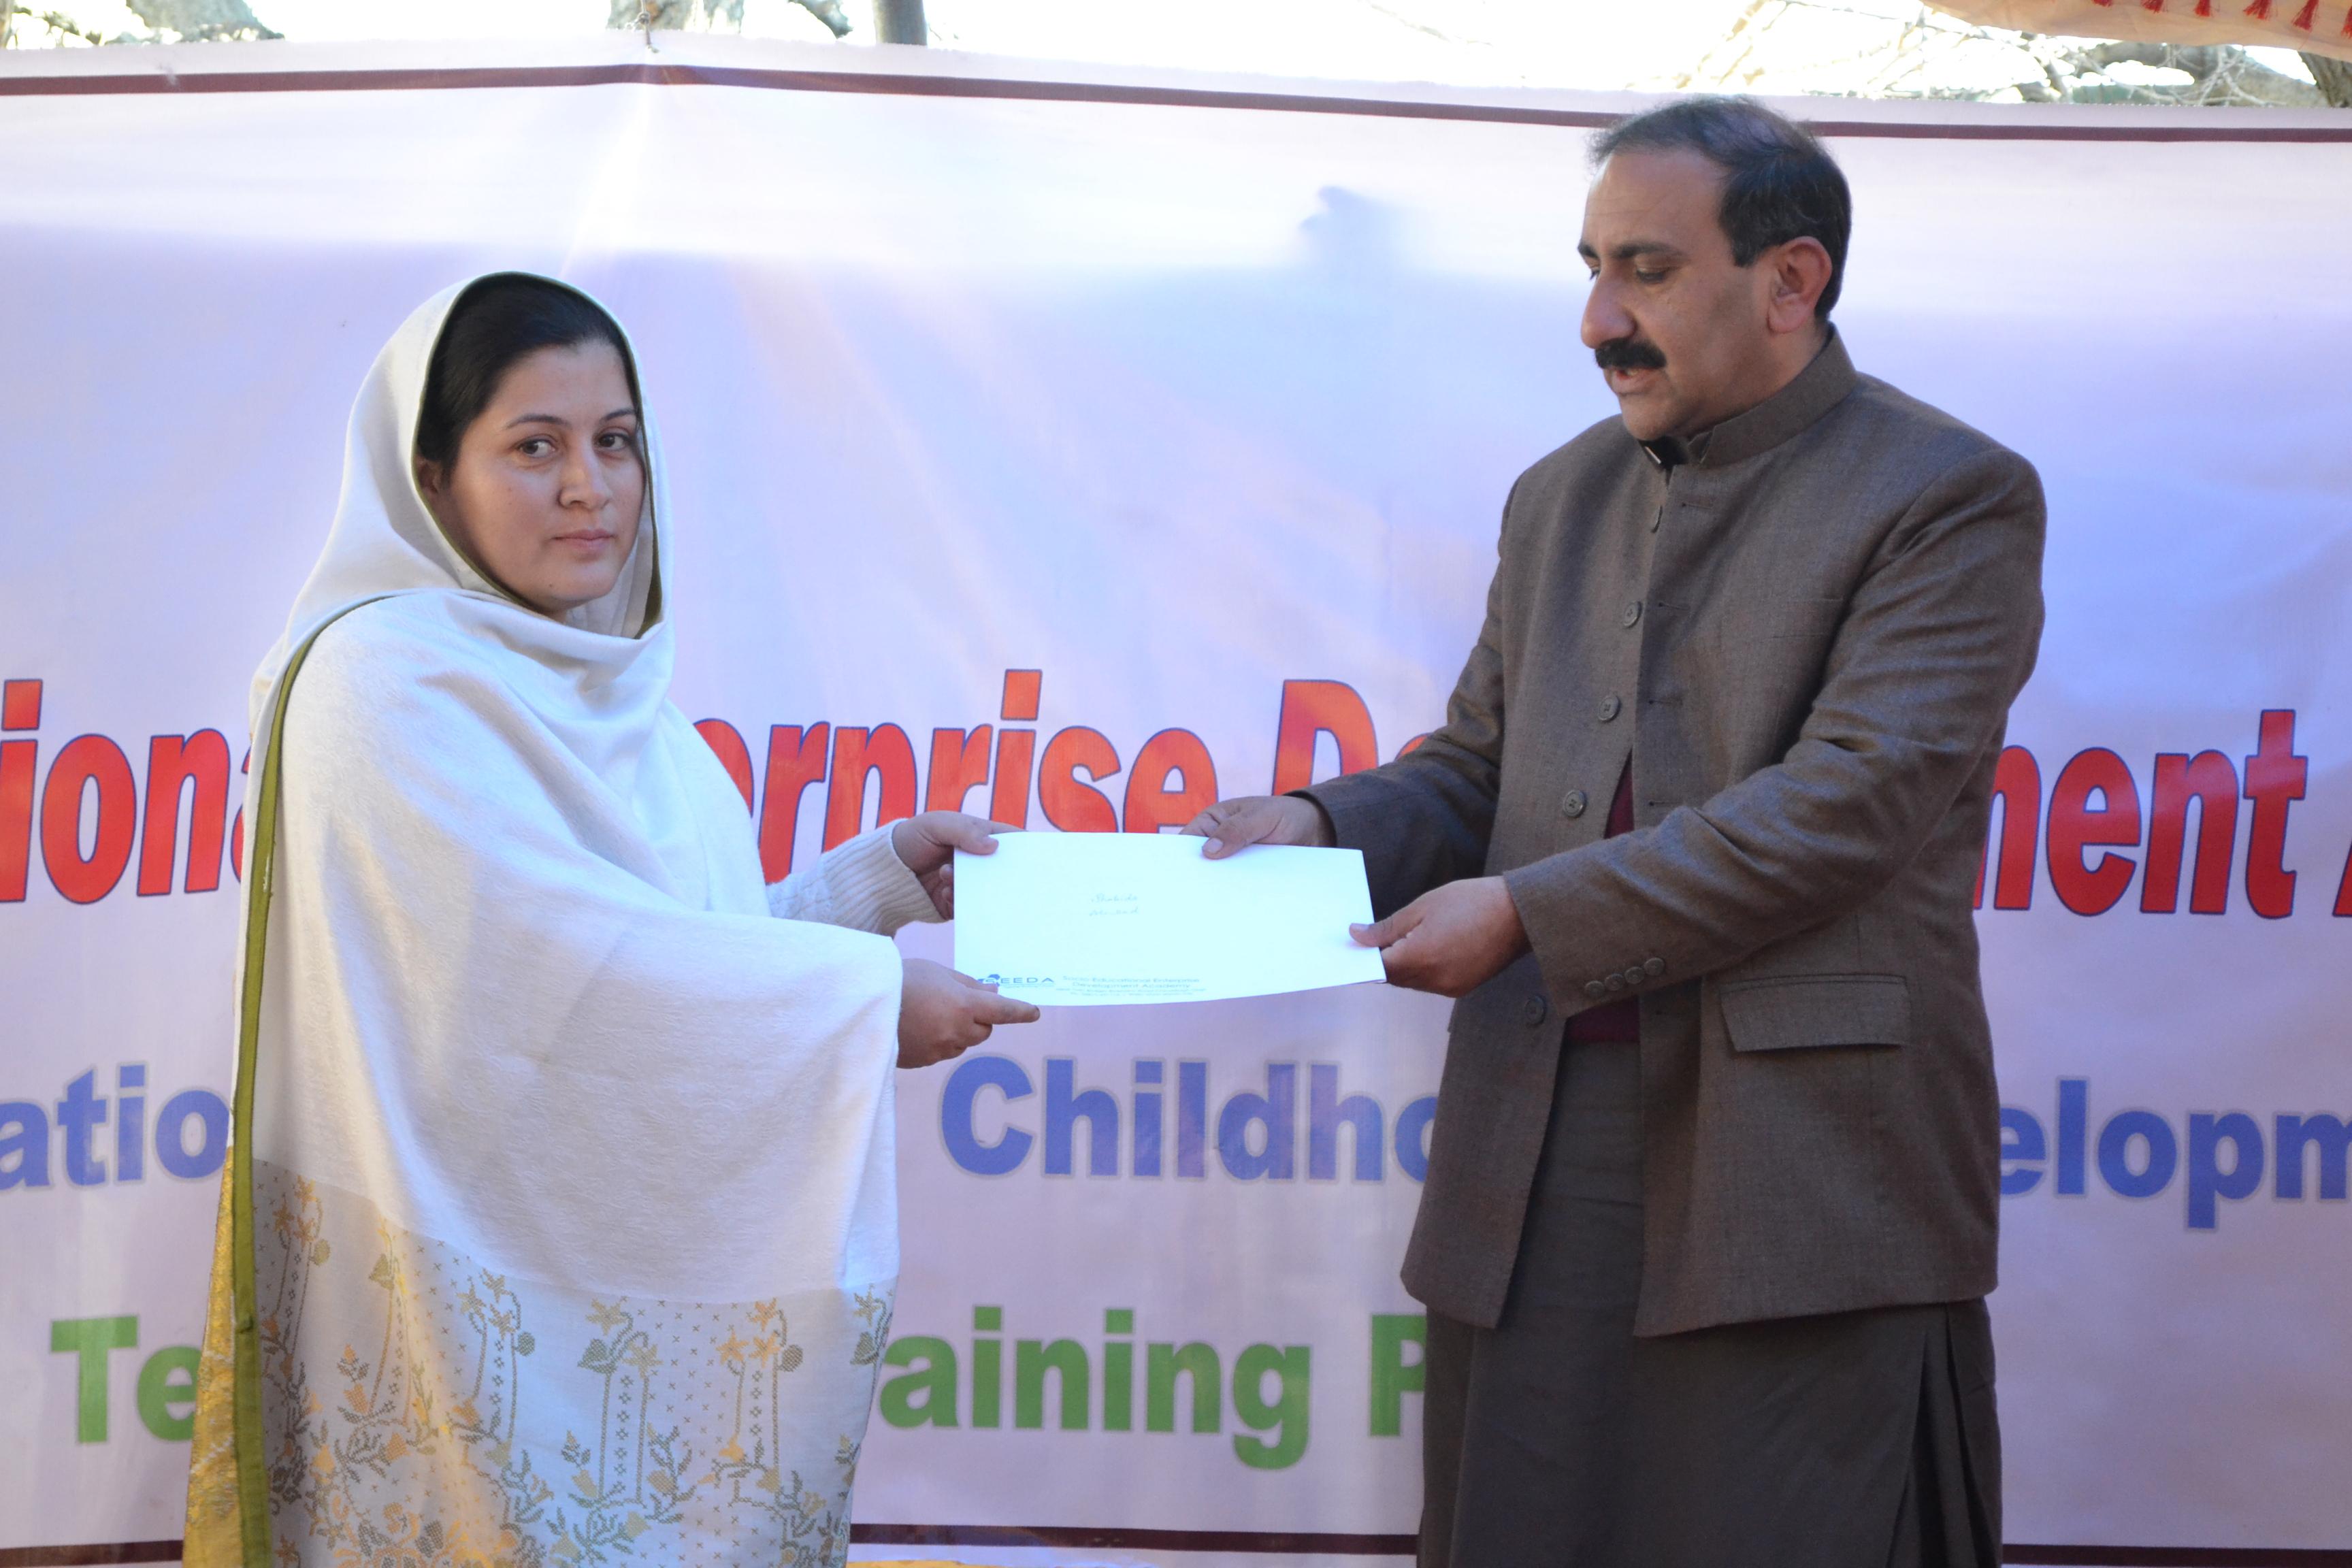 تعلیم ہی روزگار کا واحد موقع پیدا کر تا ہے۔ ممبر گلگت بلتستان کونسل ارمان شاہ